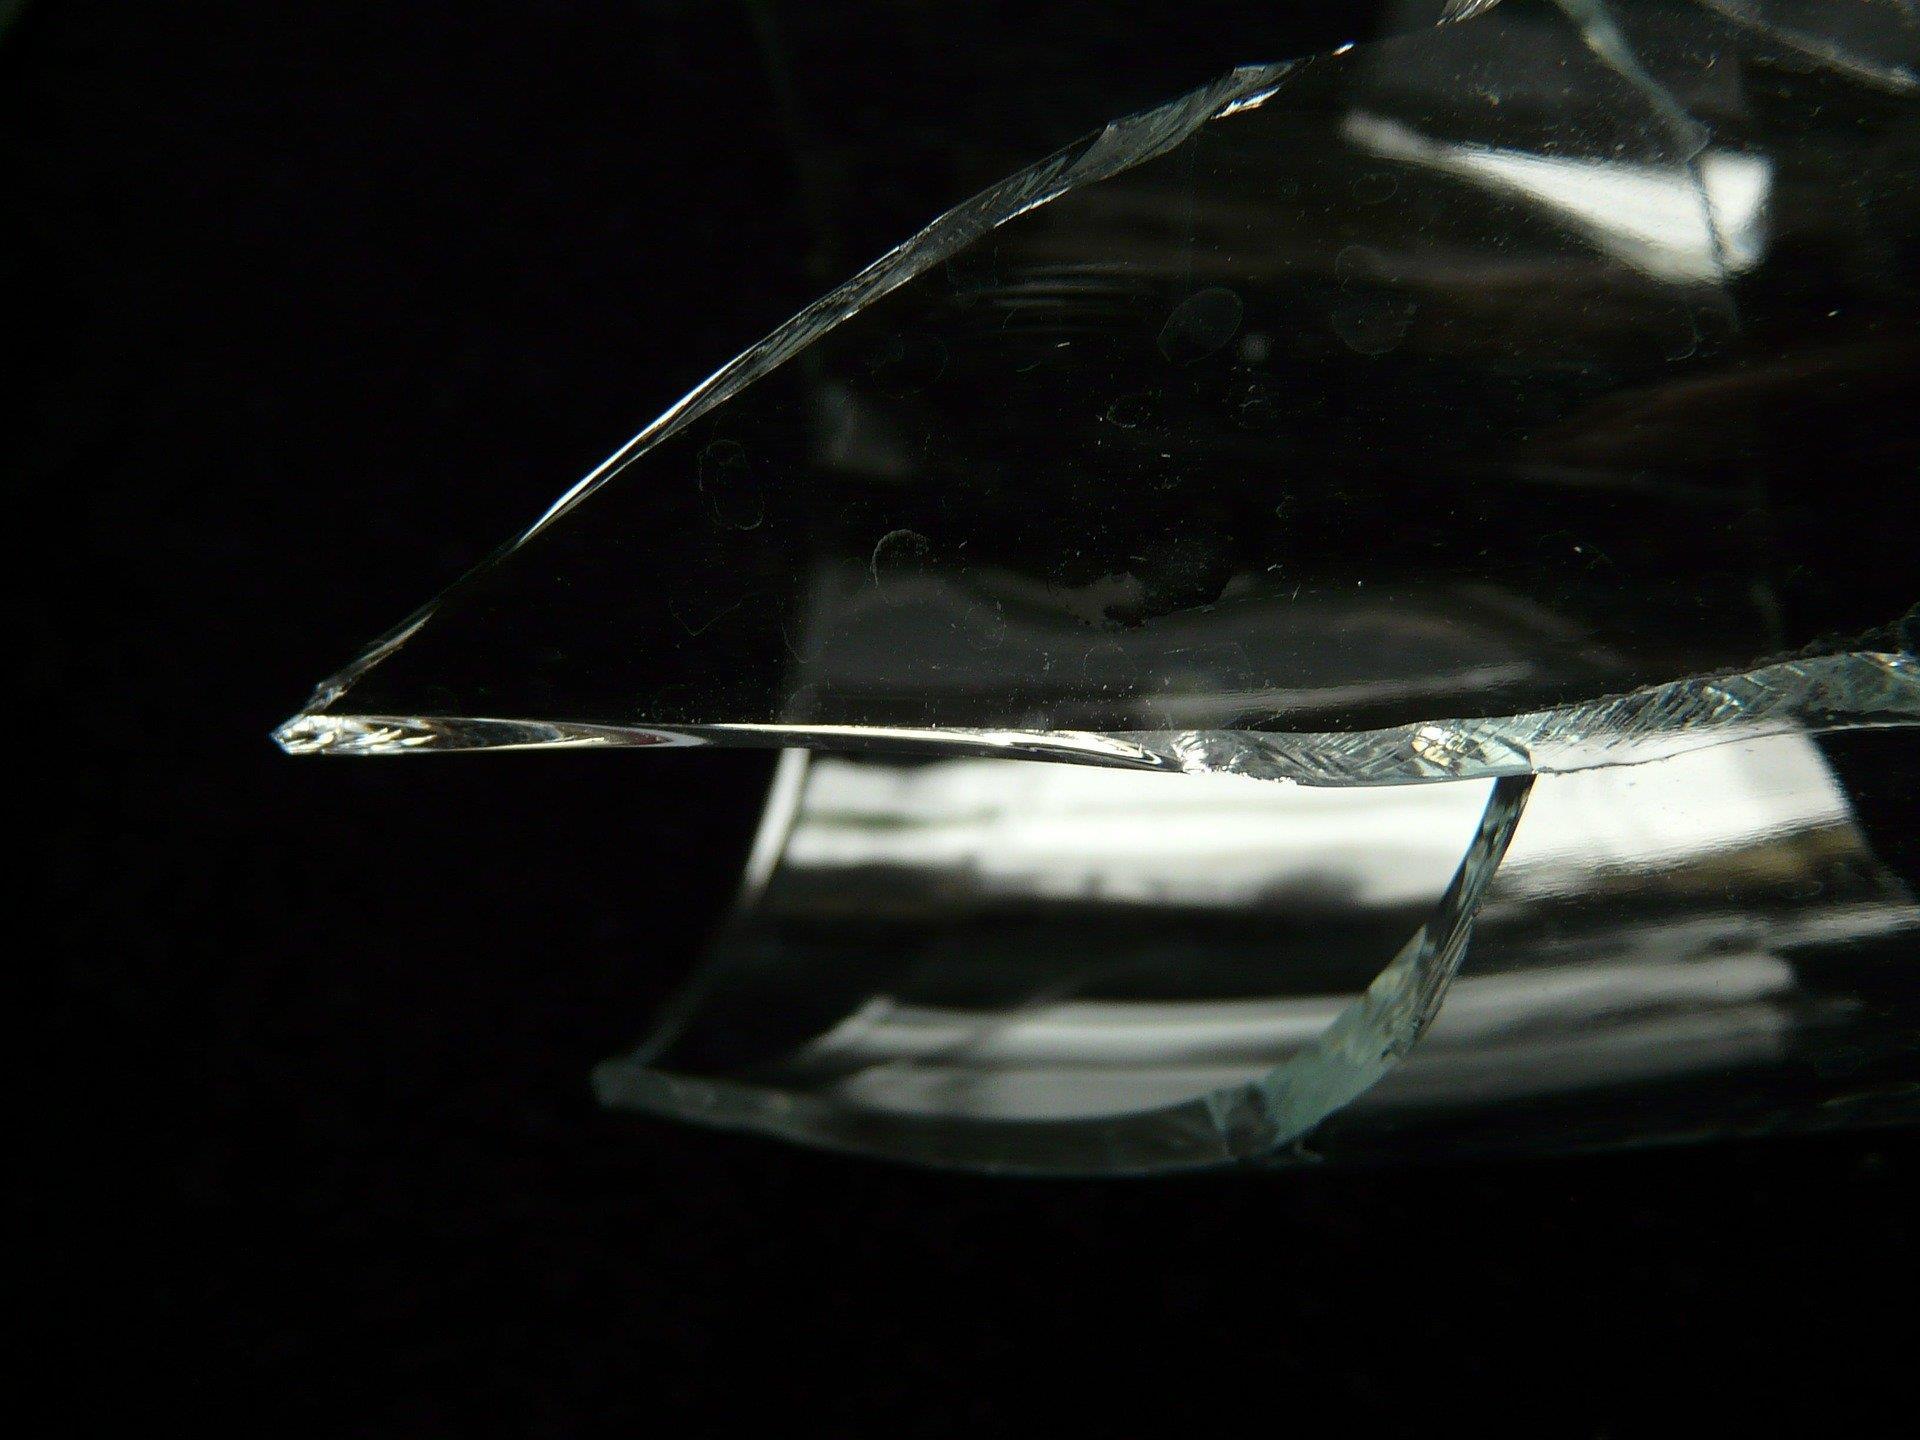 Mit einem zerbrochenem Glas wurde der Ex-Freund attackiert.